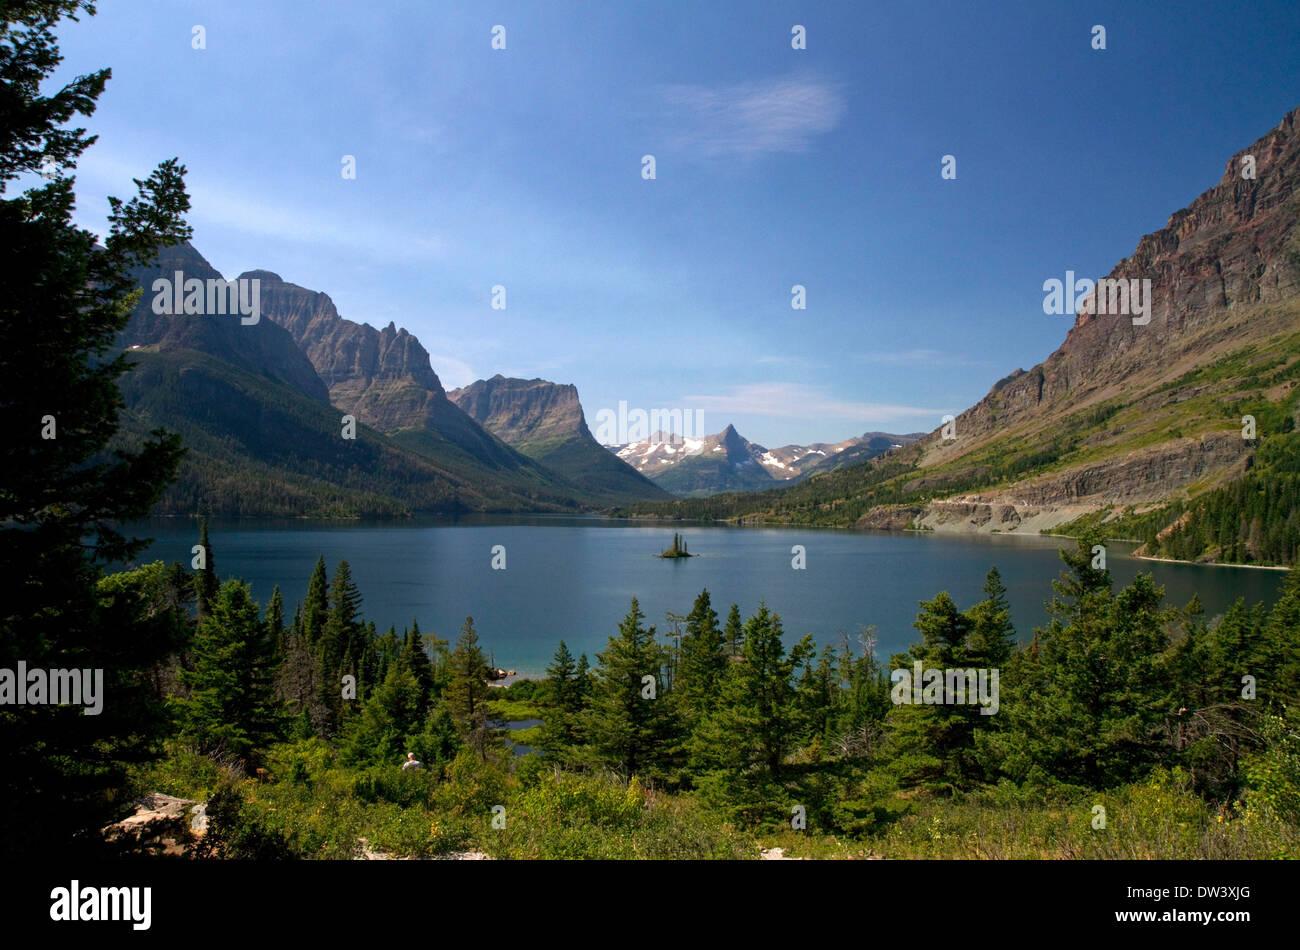 Santa María del Lago en el parque nacional de Glacier, Montana, EE.UU. Imagen De Stock